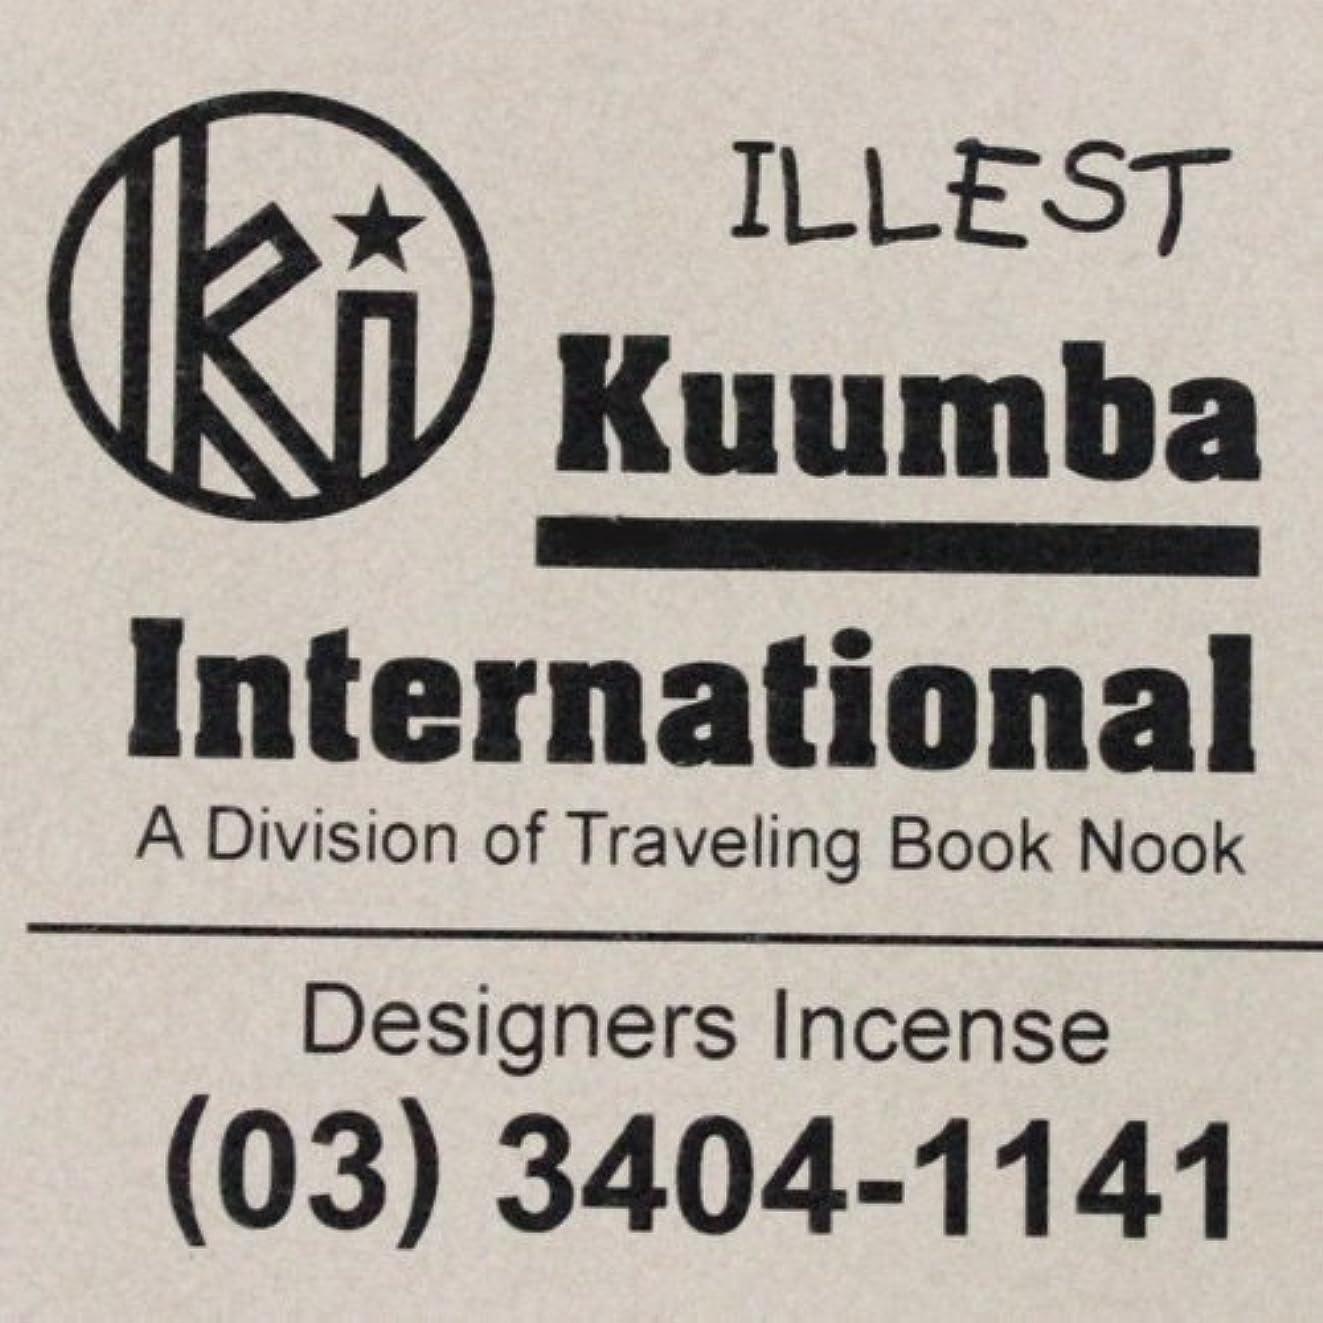 ブレイズ滅びるバラバラにするKuumba(クンバ)『incense』(ILLEST) (Regular size)